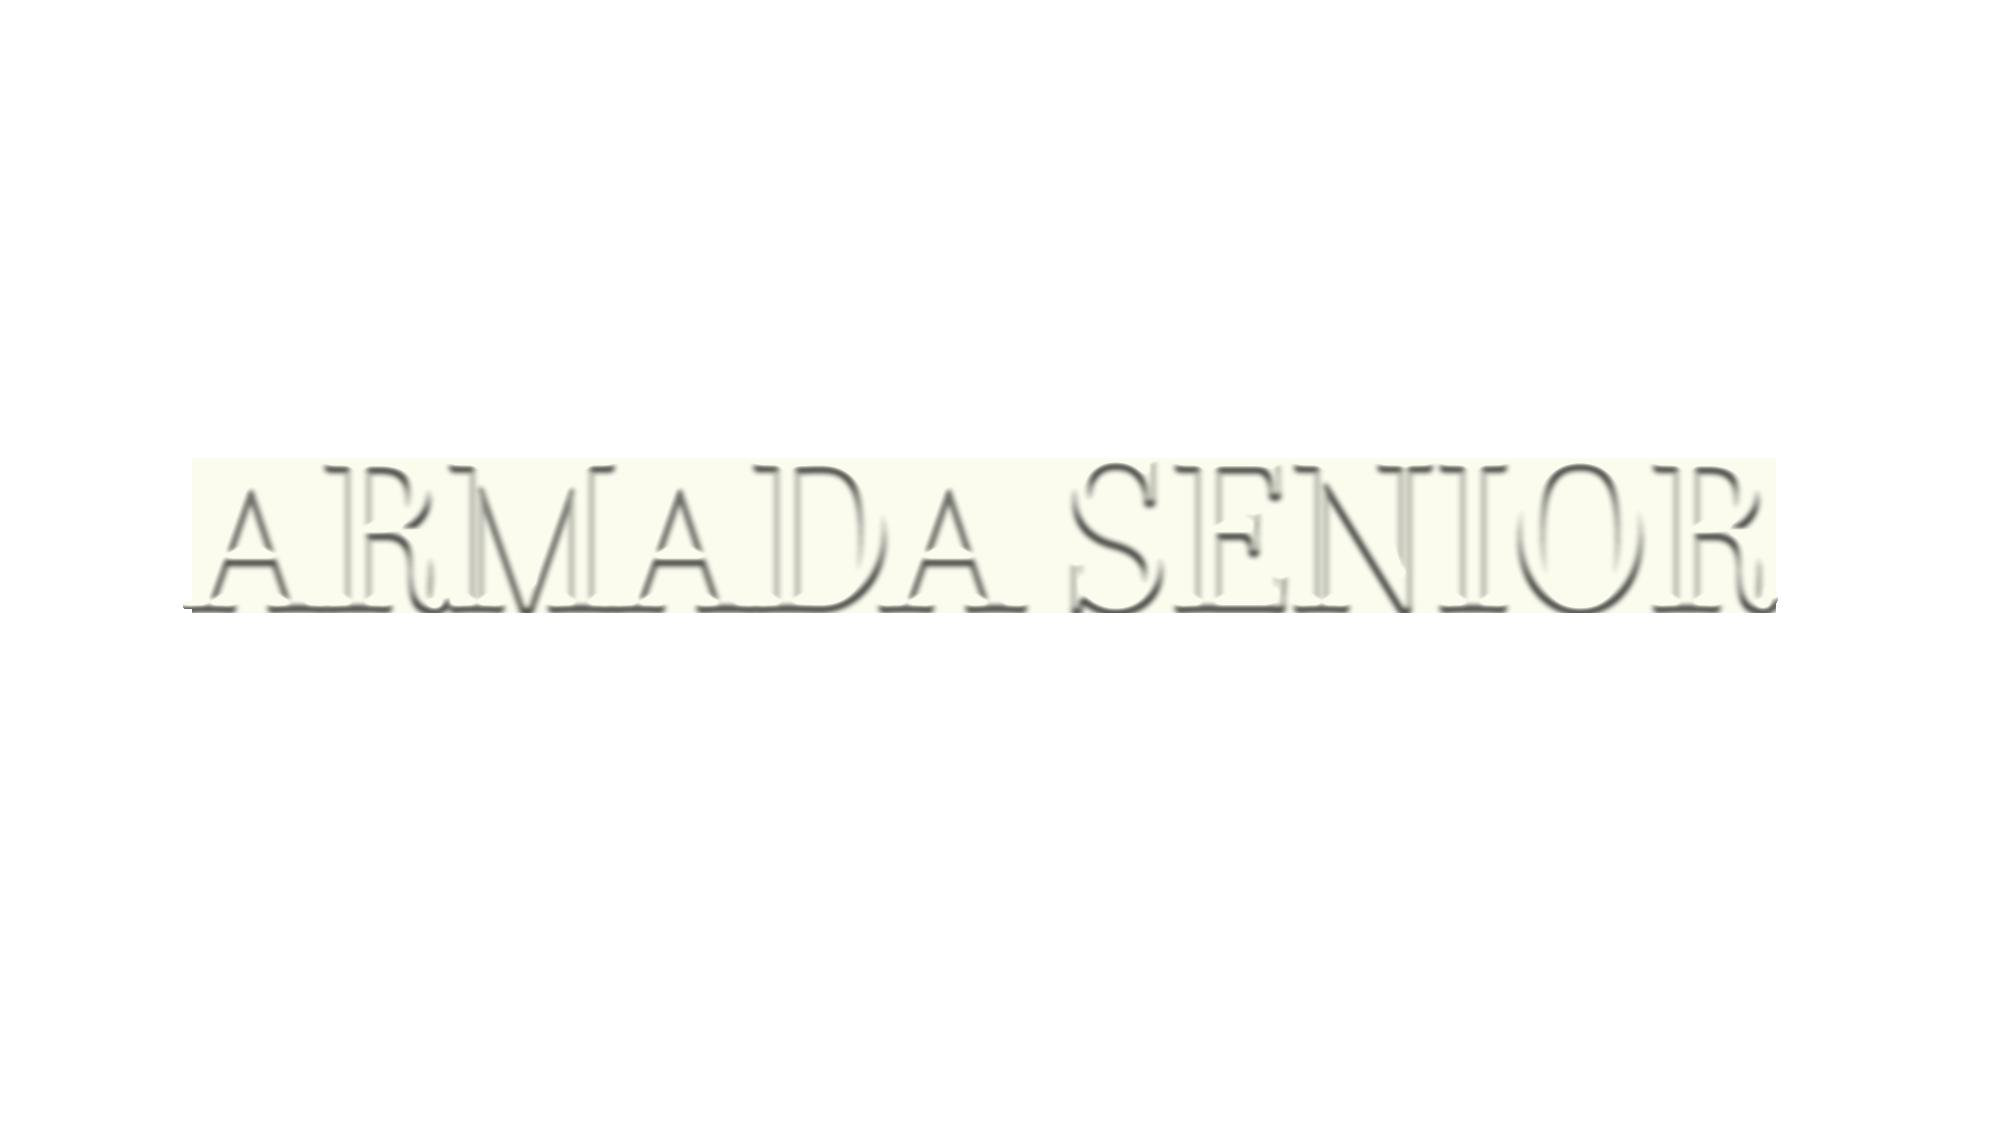 Armada Seniors title